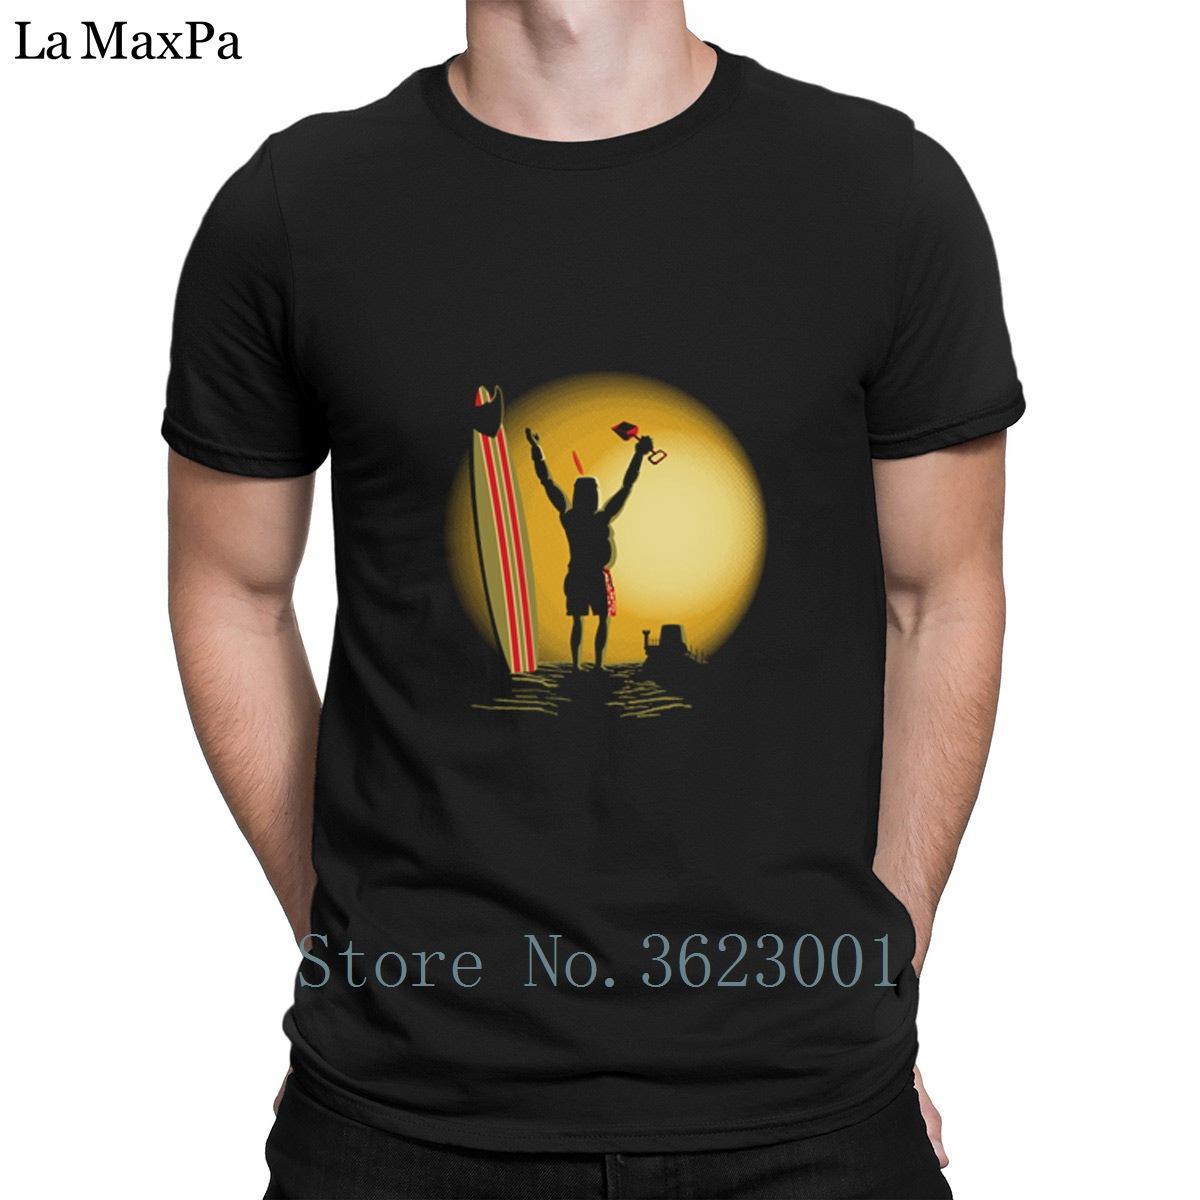 Erkekler Yüksek Kaliteli Yaz İçin Baskılı İnce Tişörtü Sonsuz Sunbro Erkek Tee Gömlek Casual% 100 Pamuk Erkekler Tişörtlü İlginç Tişört